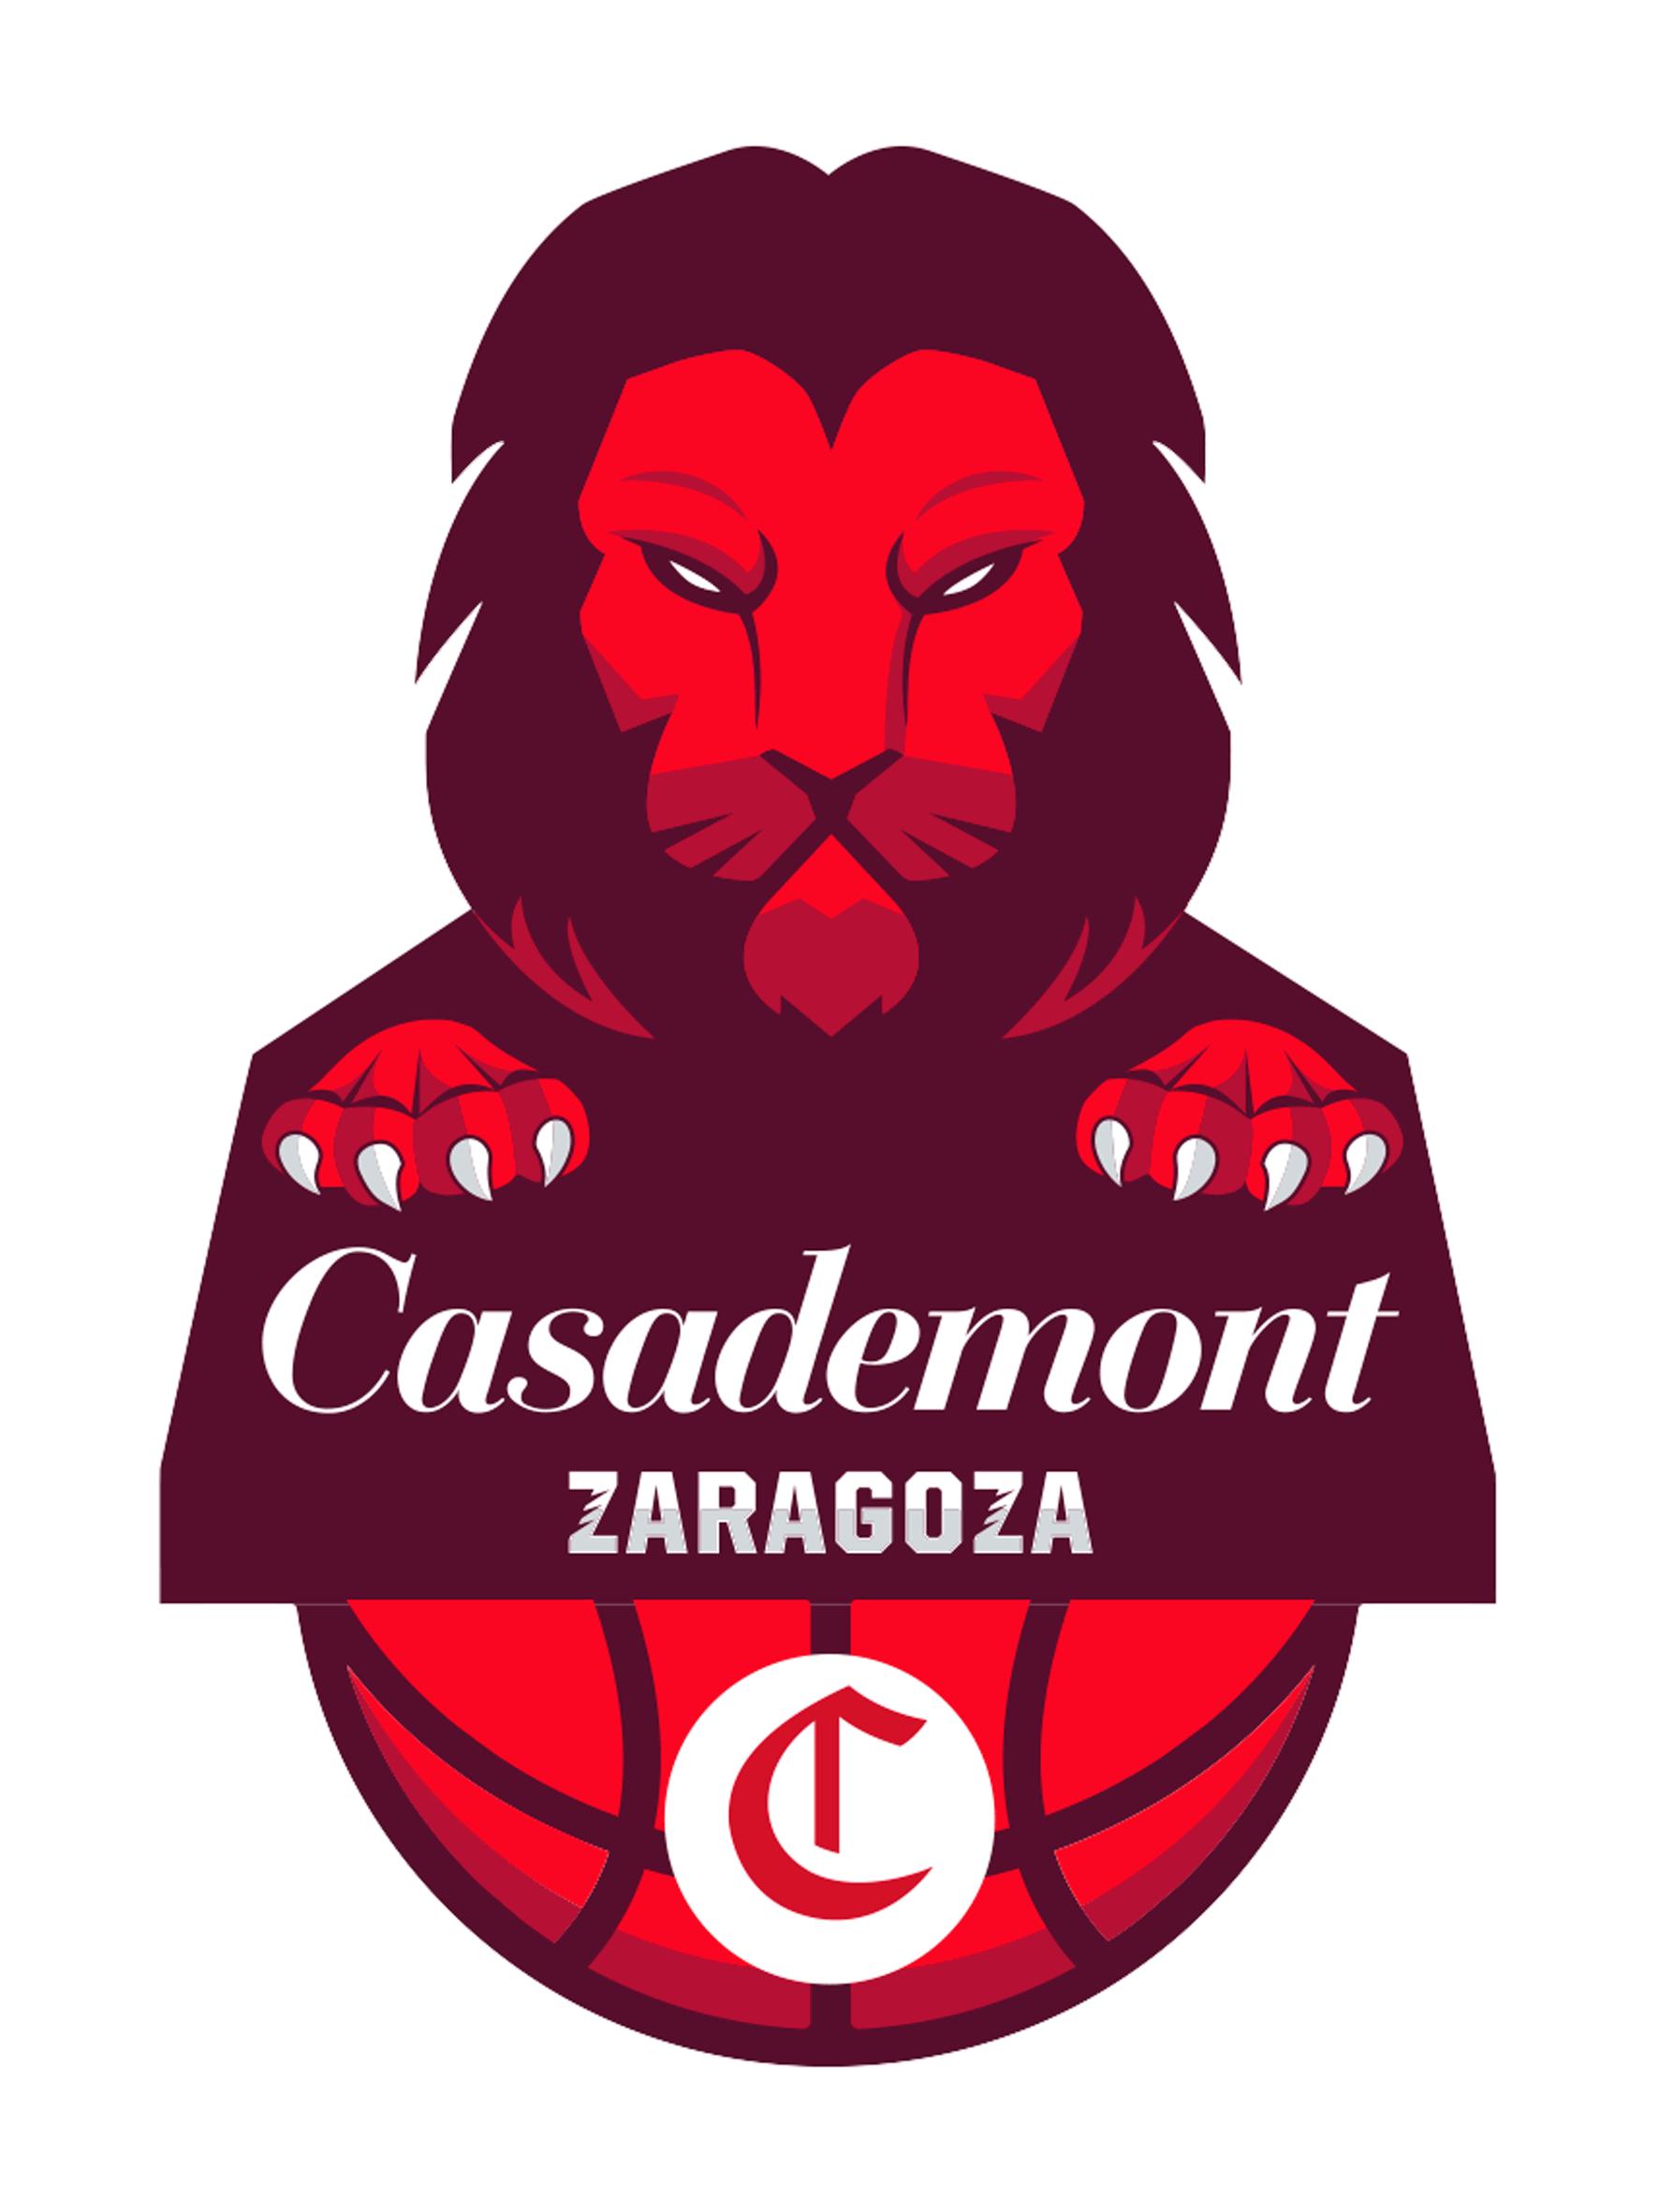 Casademont Zgz